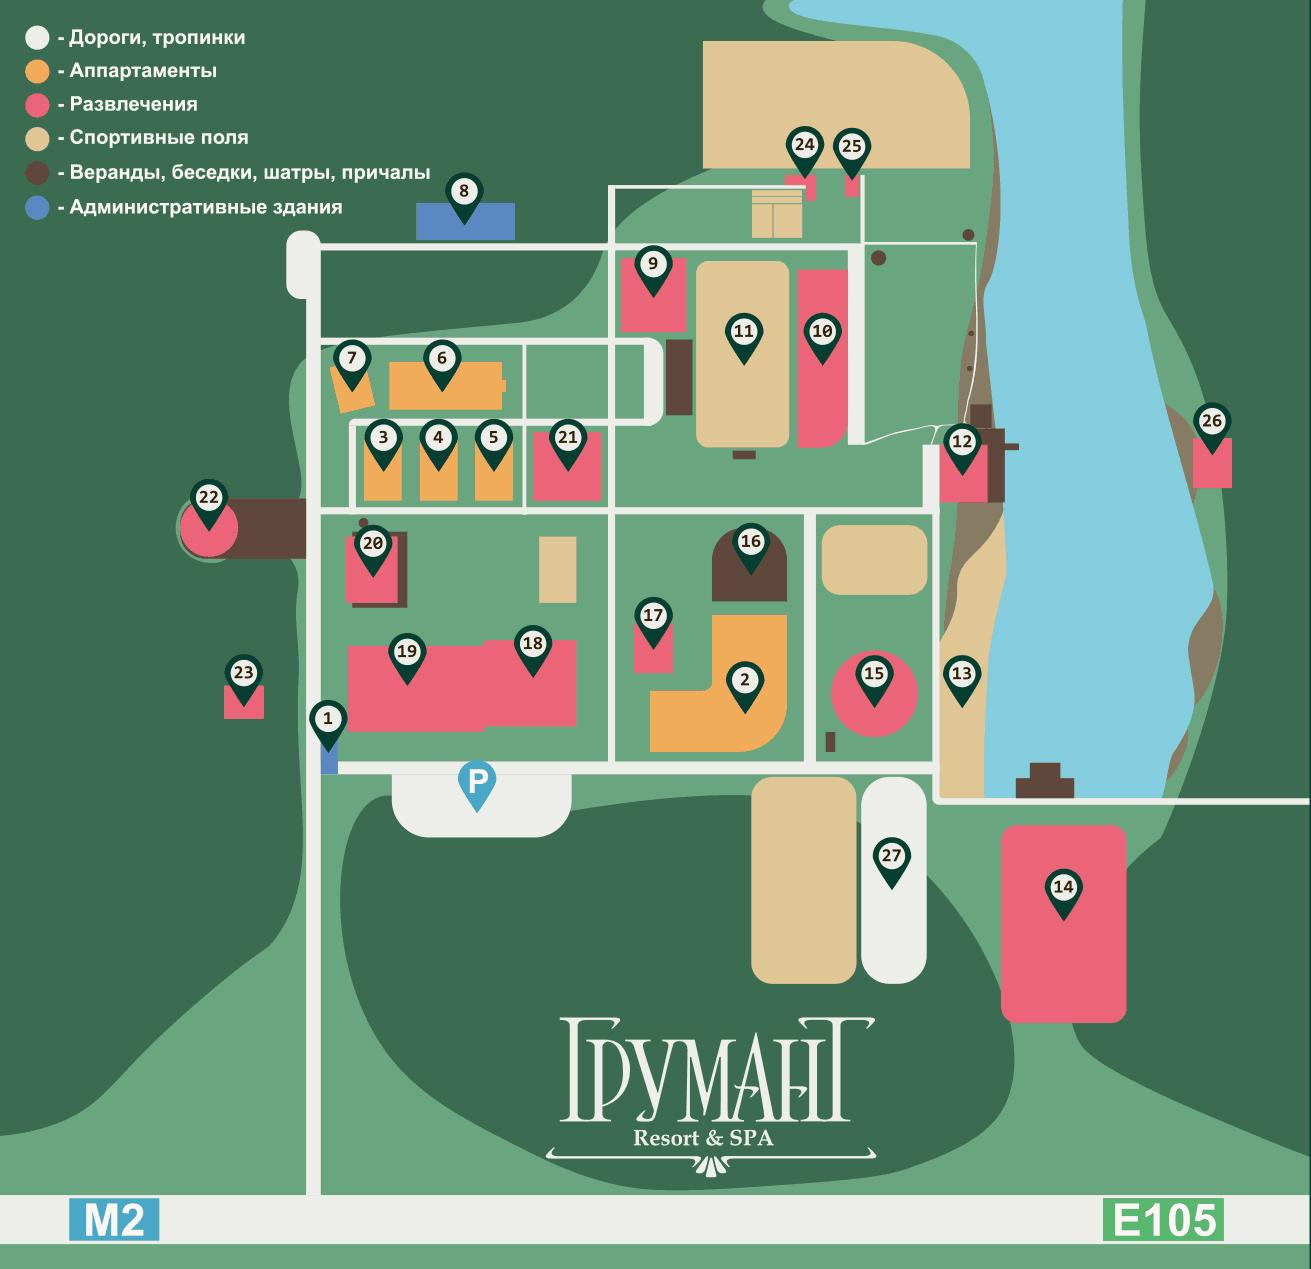 Карта отеля ГРУМАНТ Resort & SPA